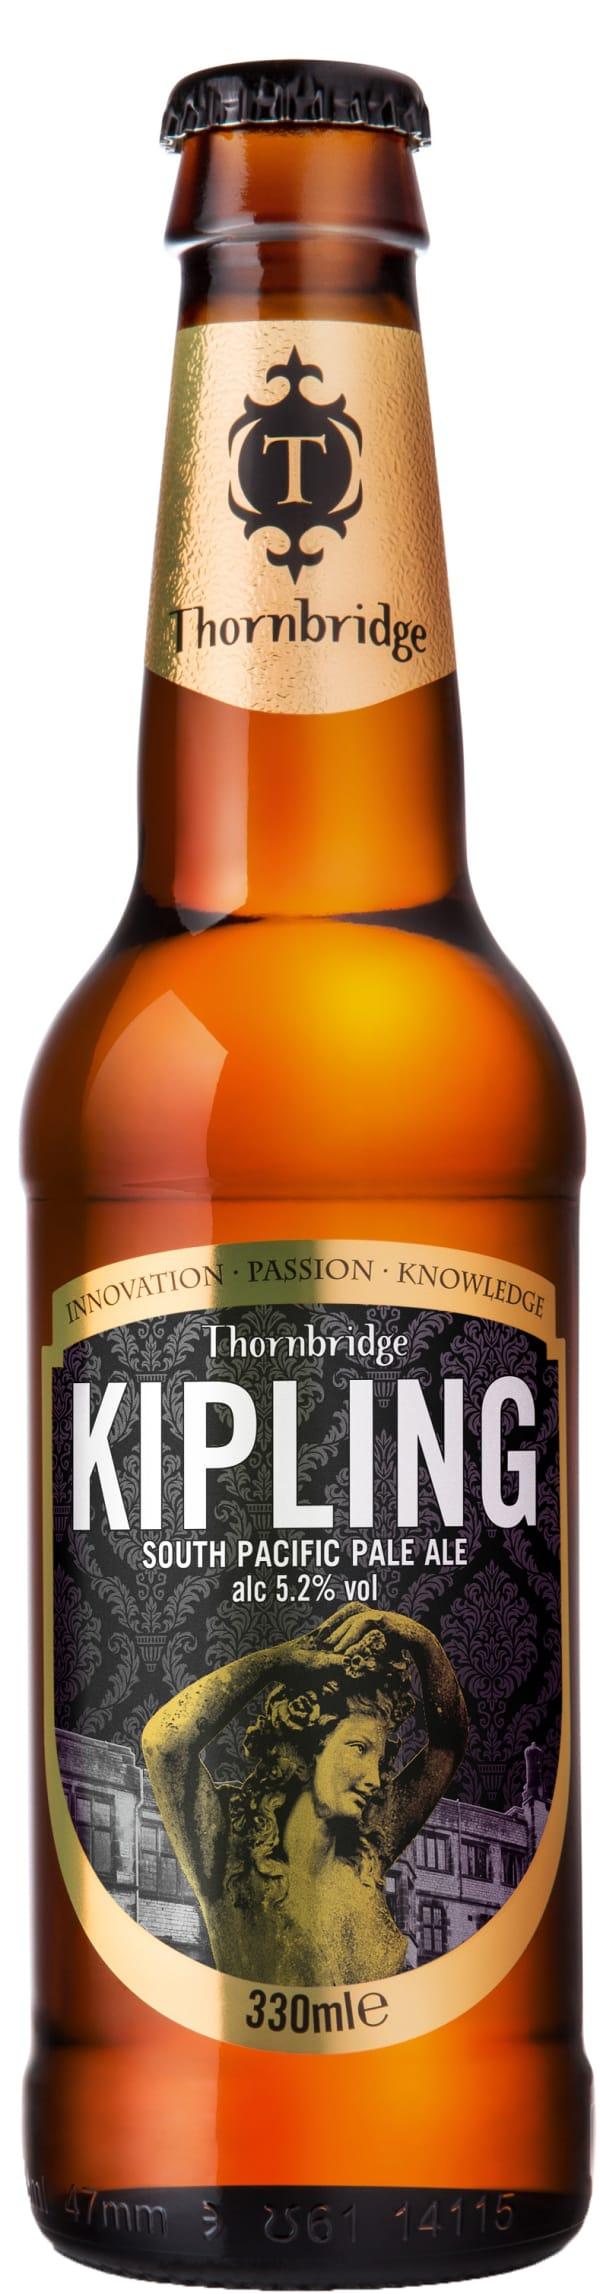 Thornbridge Kipling South Pacific Pale Ale